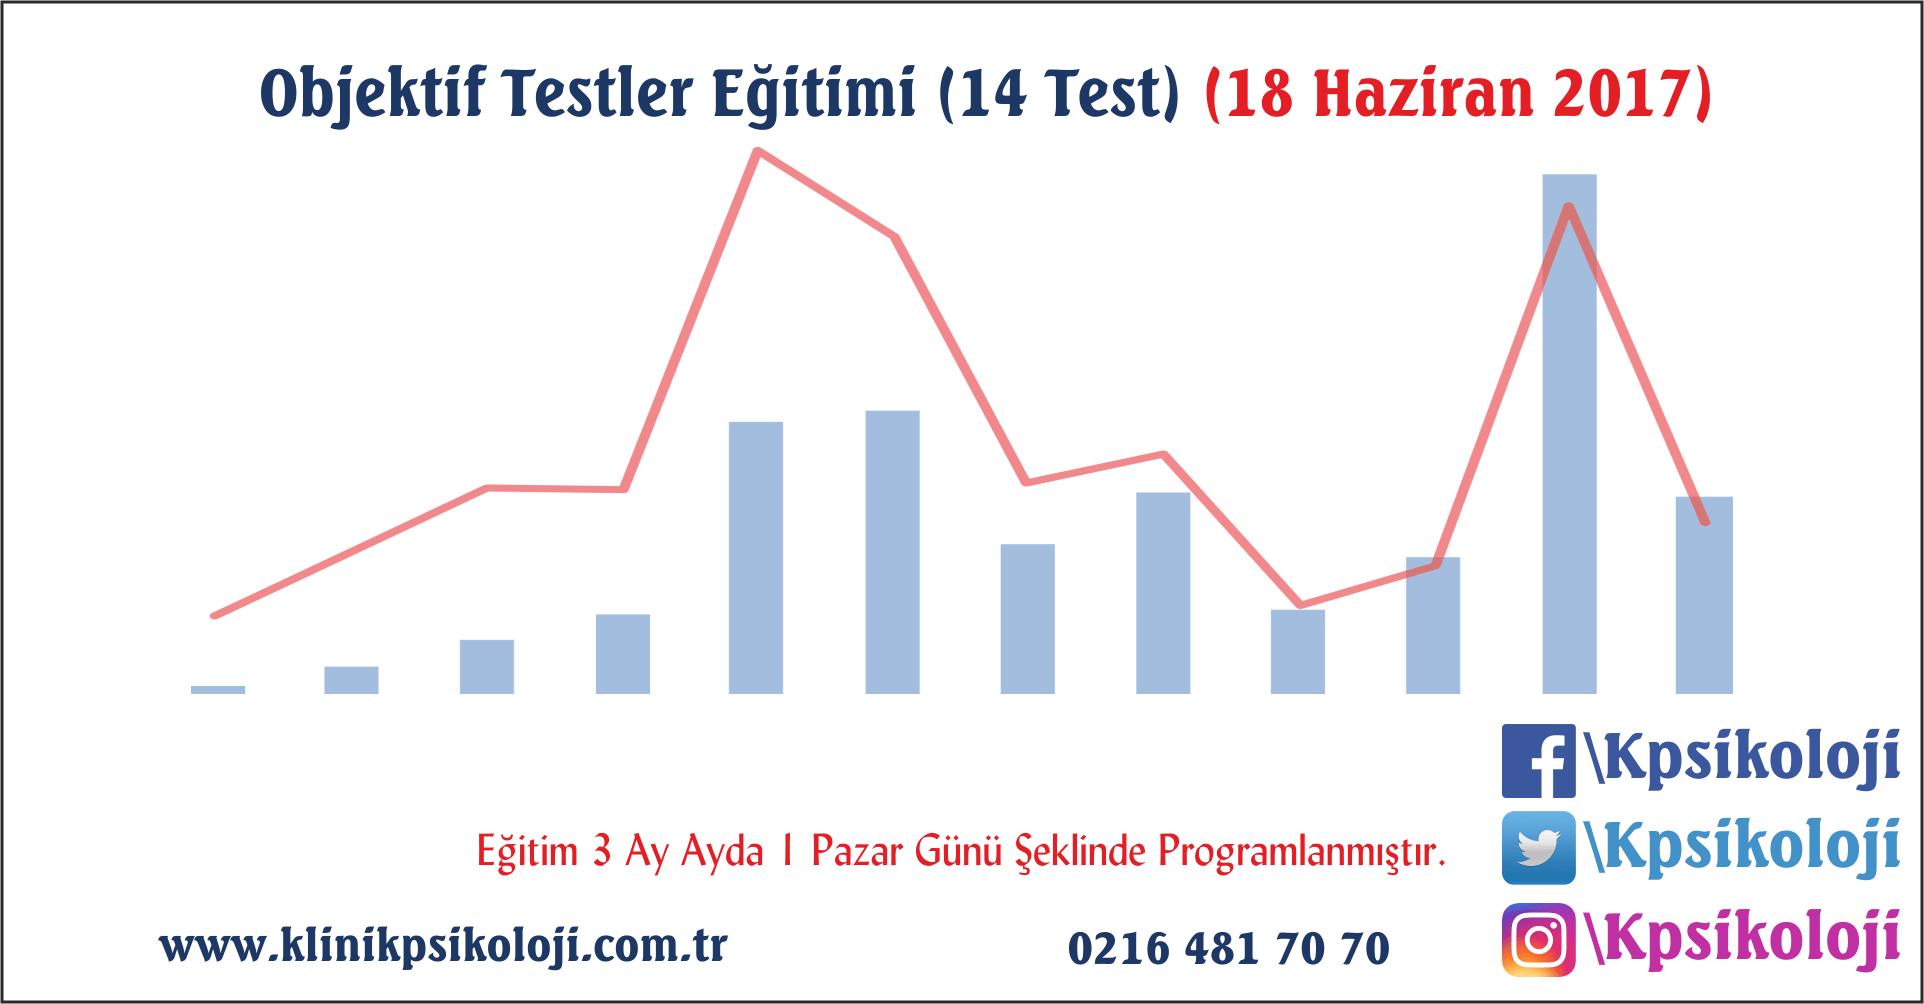 Objektif Testler Eğitimi (14 Test) (18 Haziran)